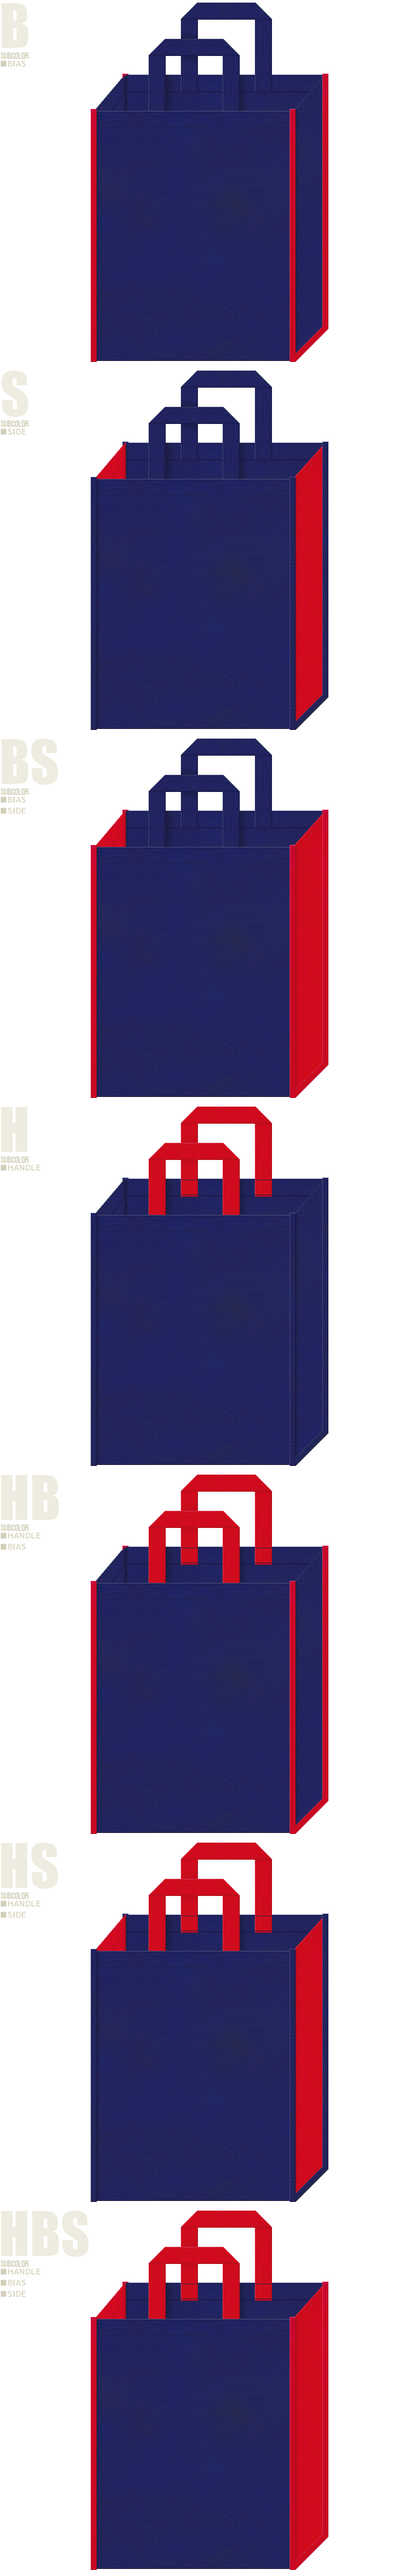 国旗・夏祭り・縁日・法被・花火大会・金魚すくい・サマーイベントにお奨めの不織布バッグデザイン:明るい紺色と紅色の配色7パターン